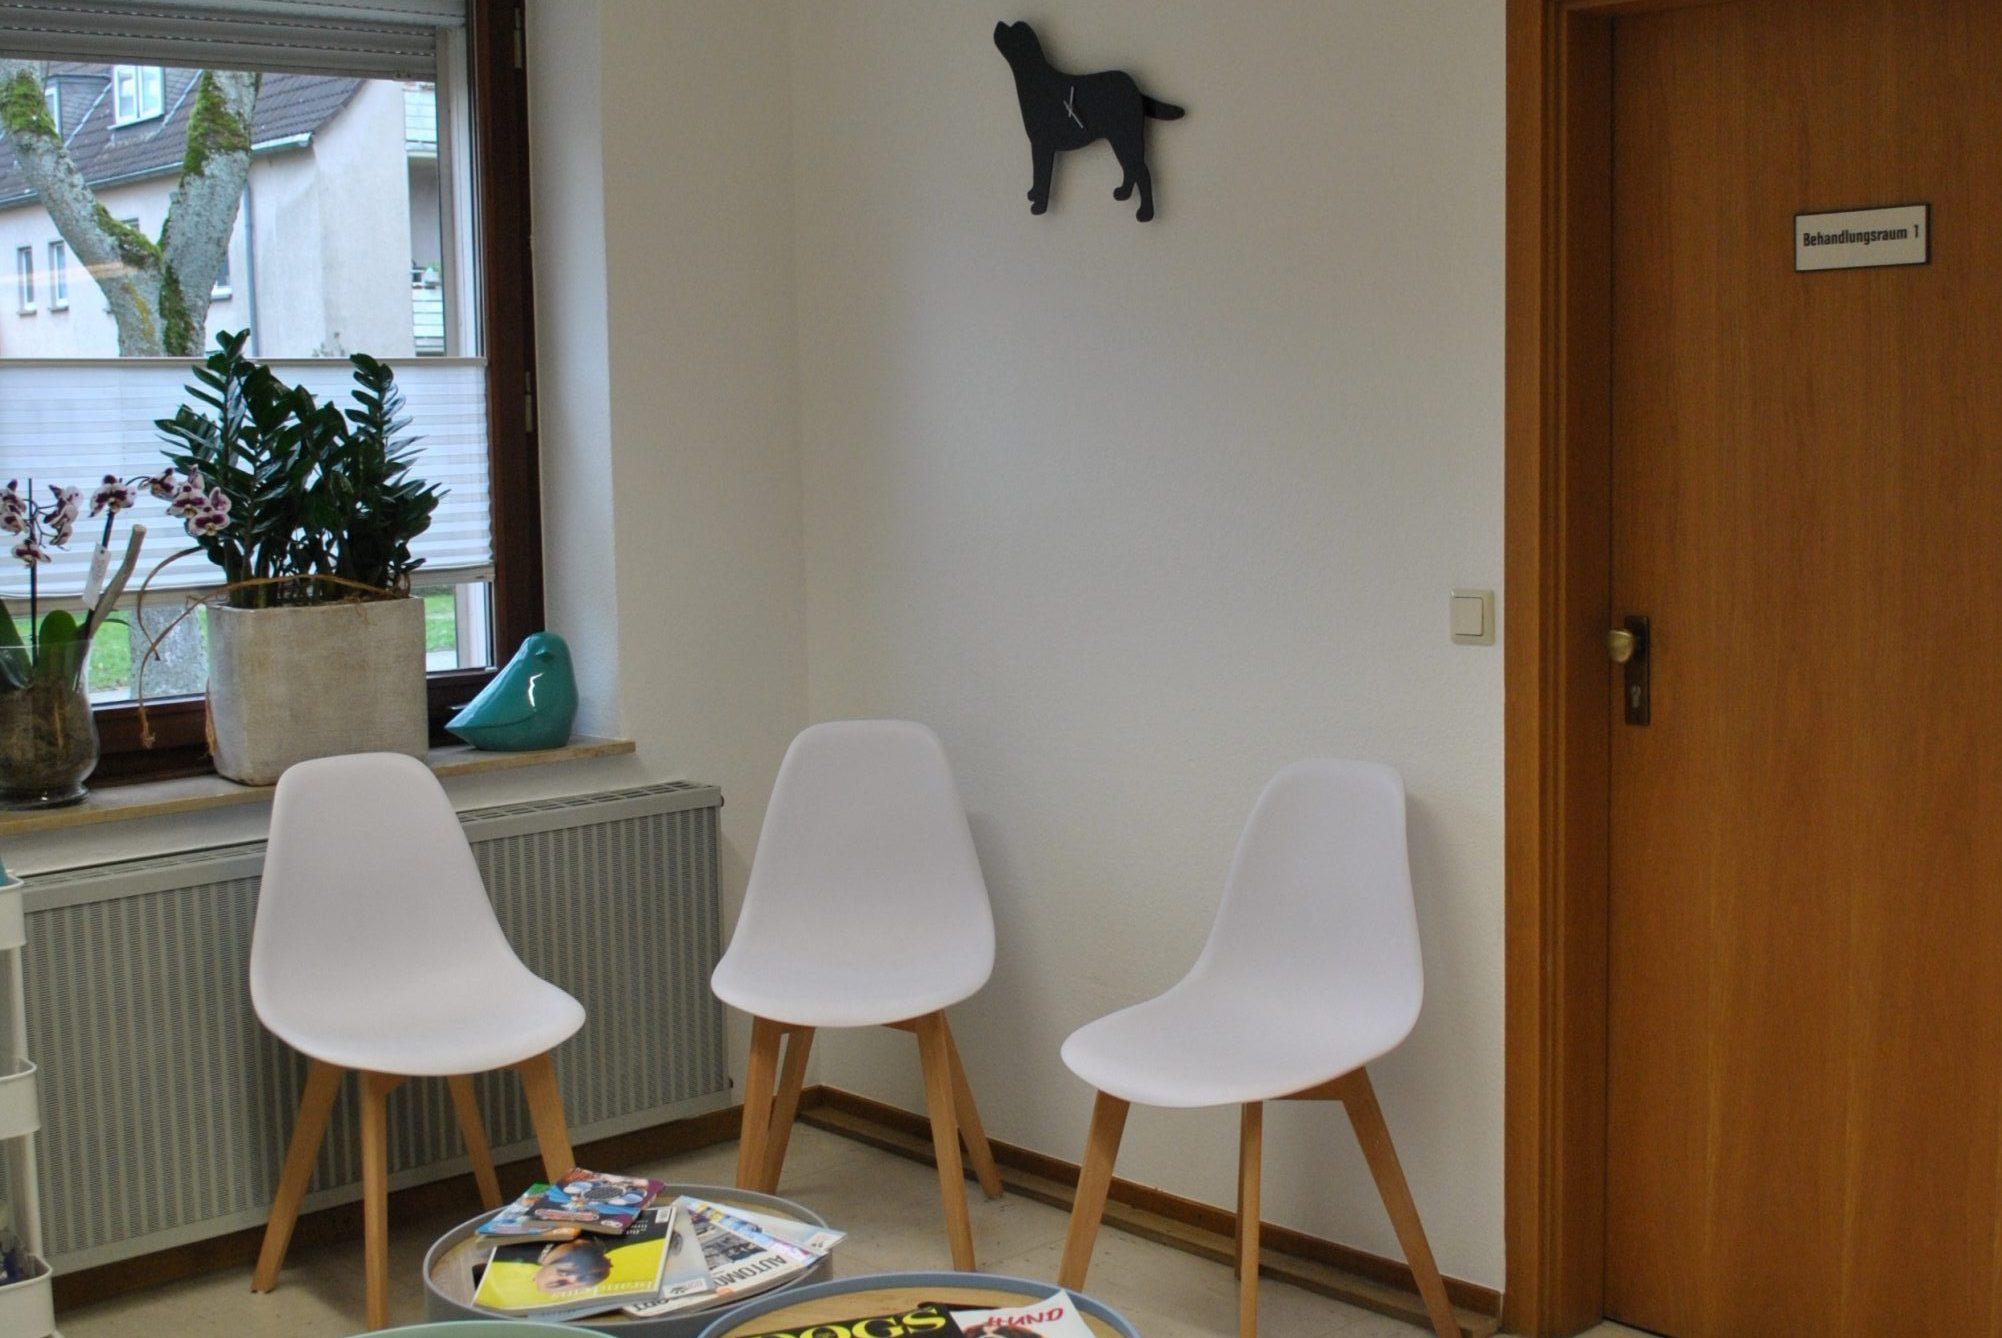 Praxis-Warteraum Dr. Brockhaus in Hattingen, tierarzt